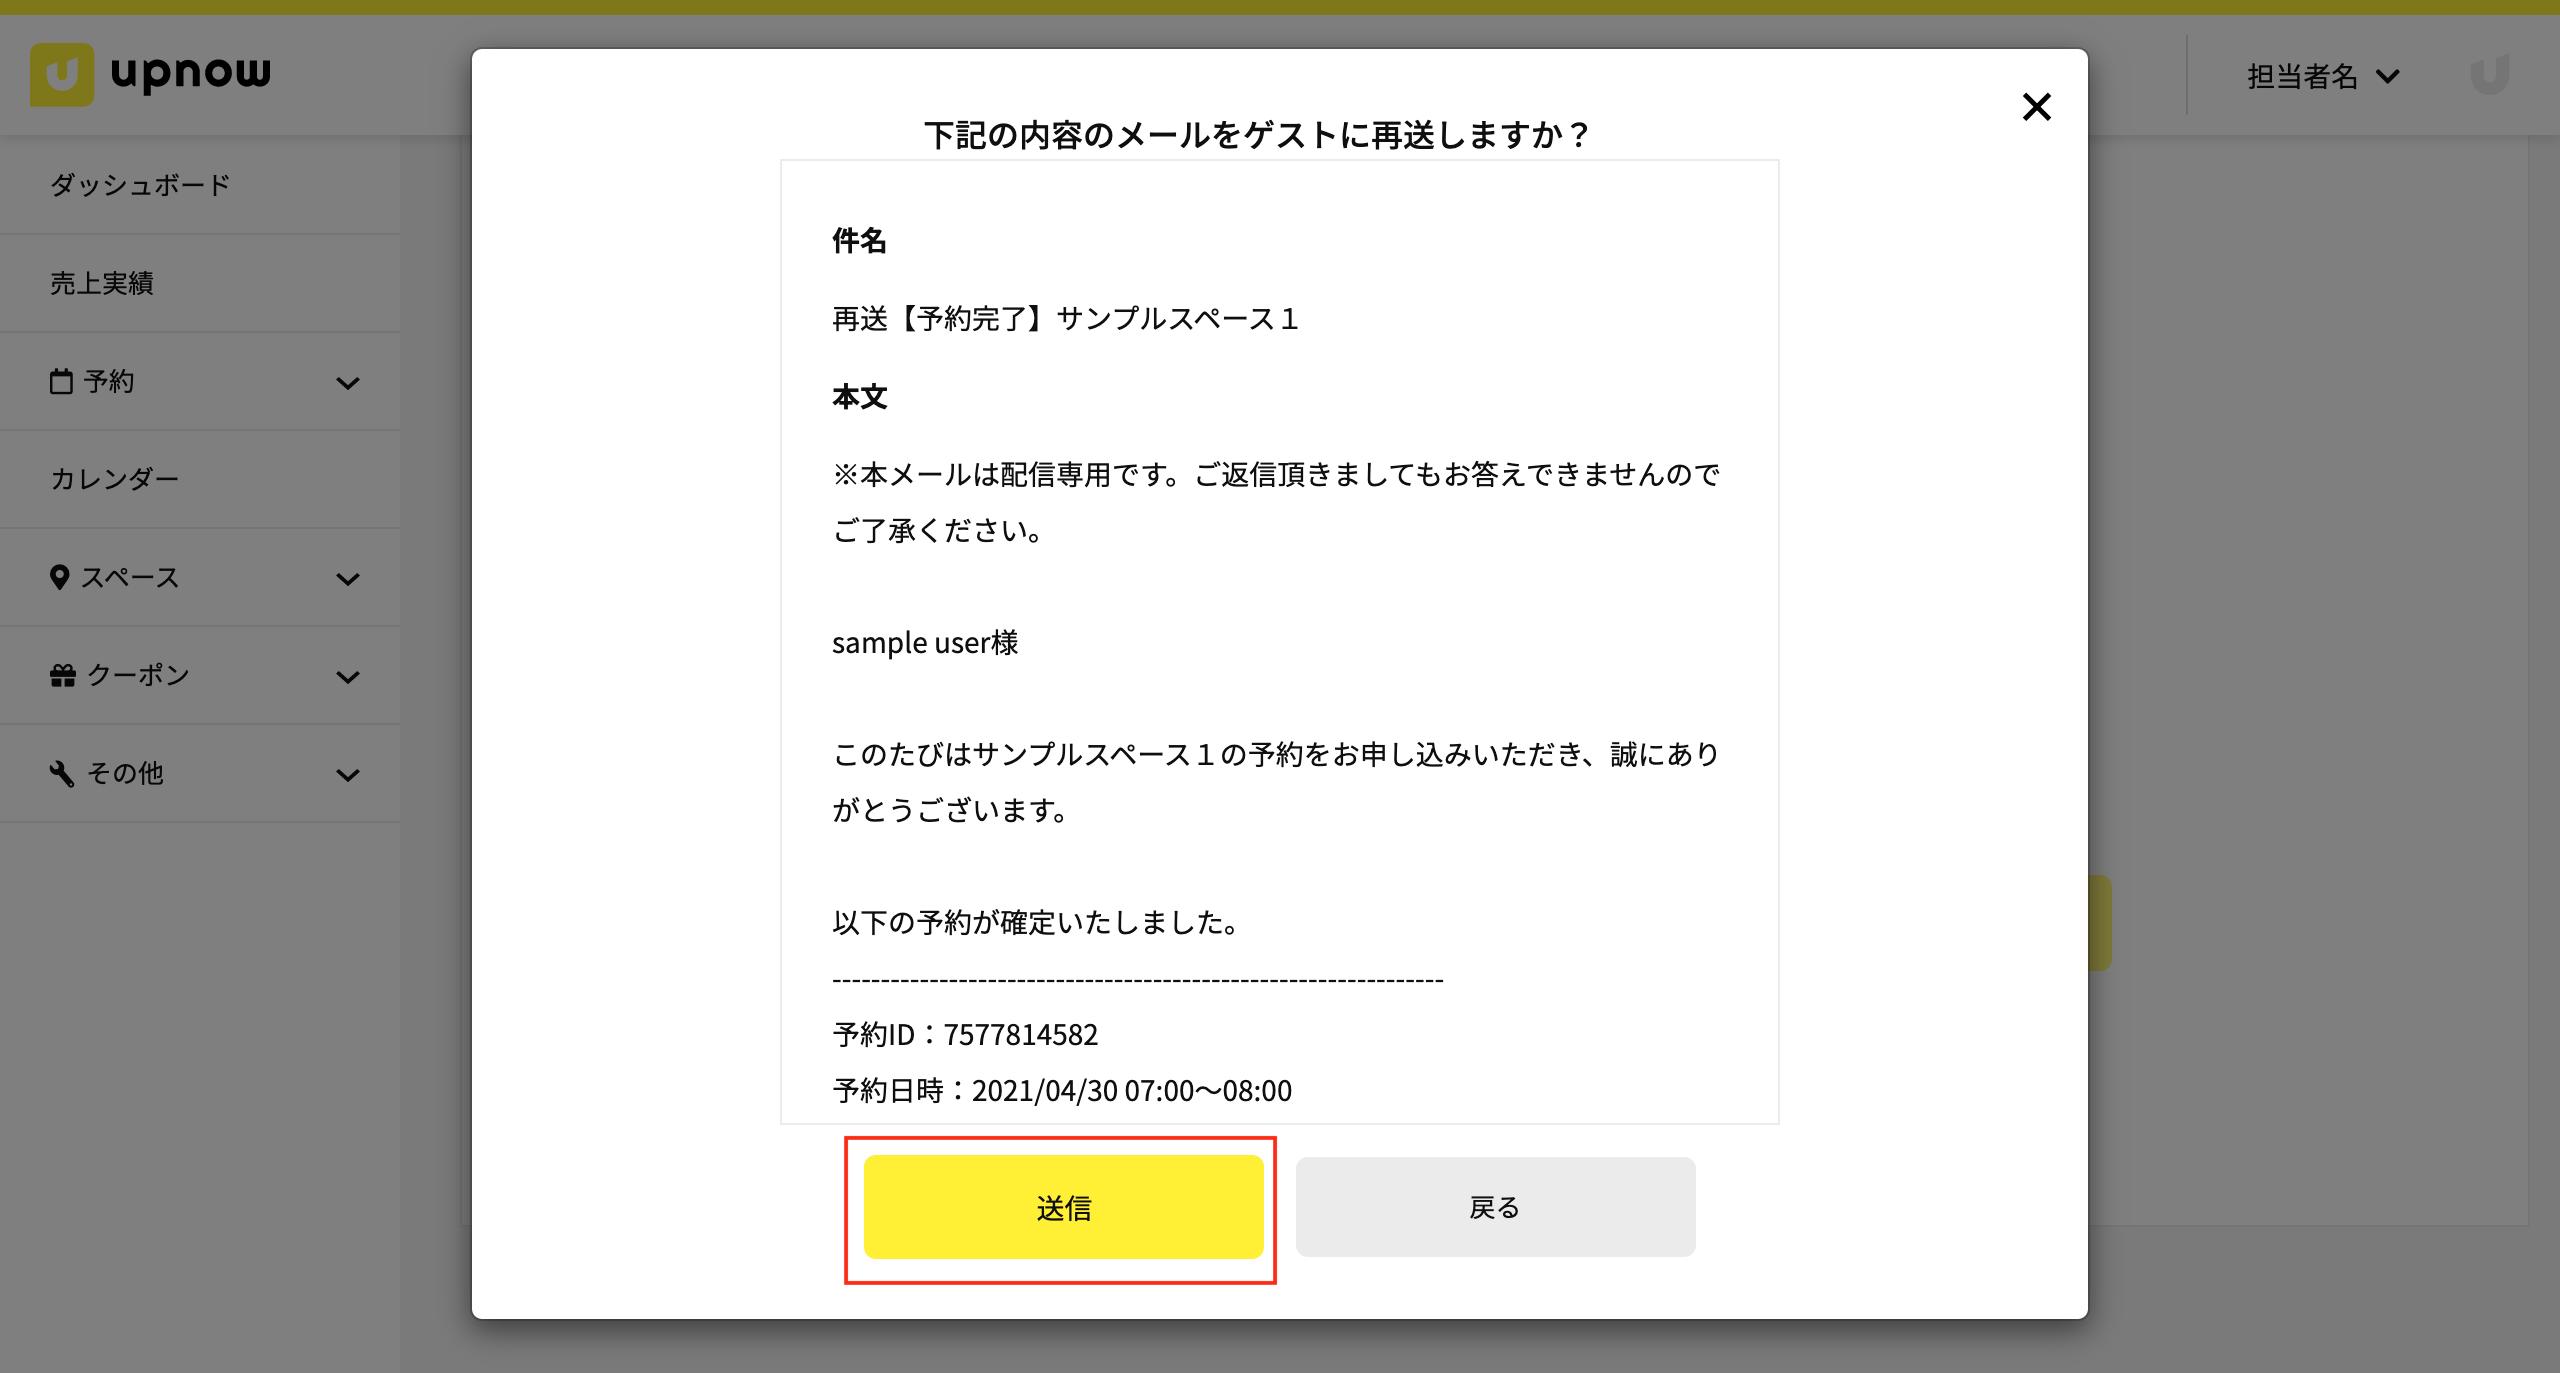 スクリーンショット 2021-03-29 15.27.25.png